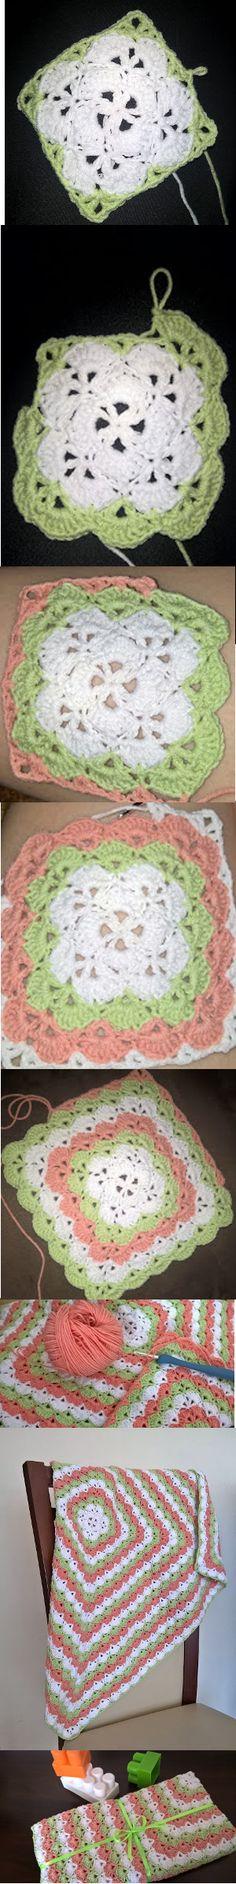 Blanket for Lena  #pattern #crochet #szydełkowanie #schemat #podkładki #podkubek #placemats #forcups #freepattern #blanket #kocyk